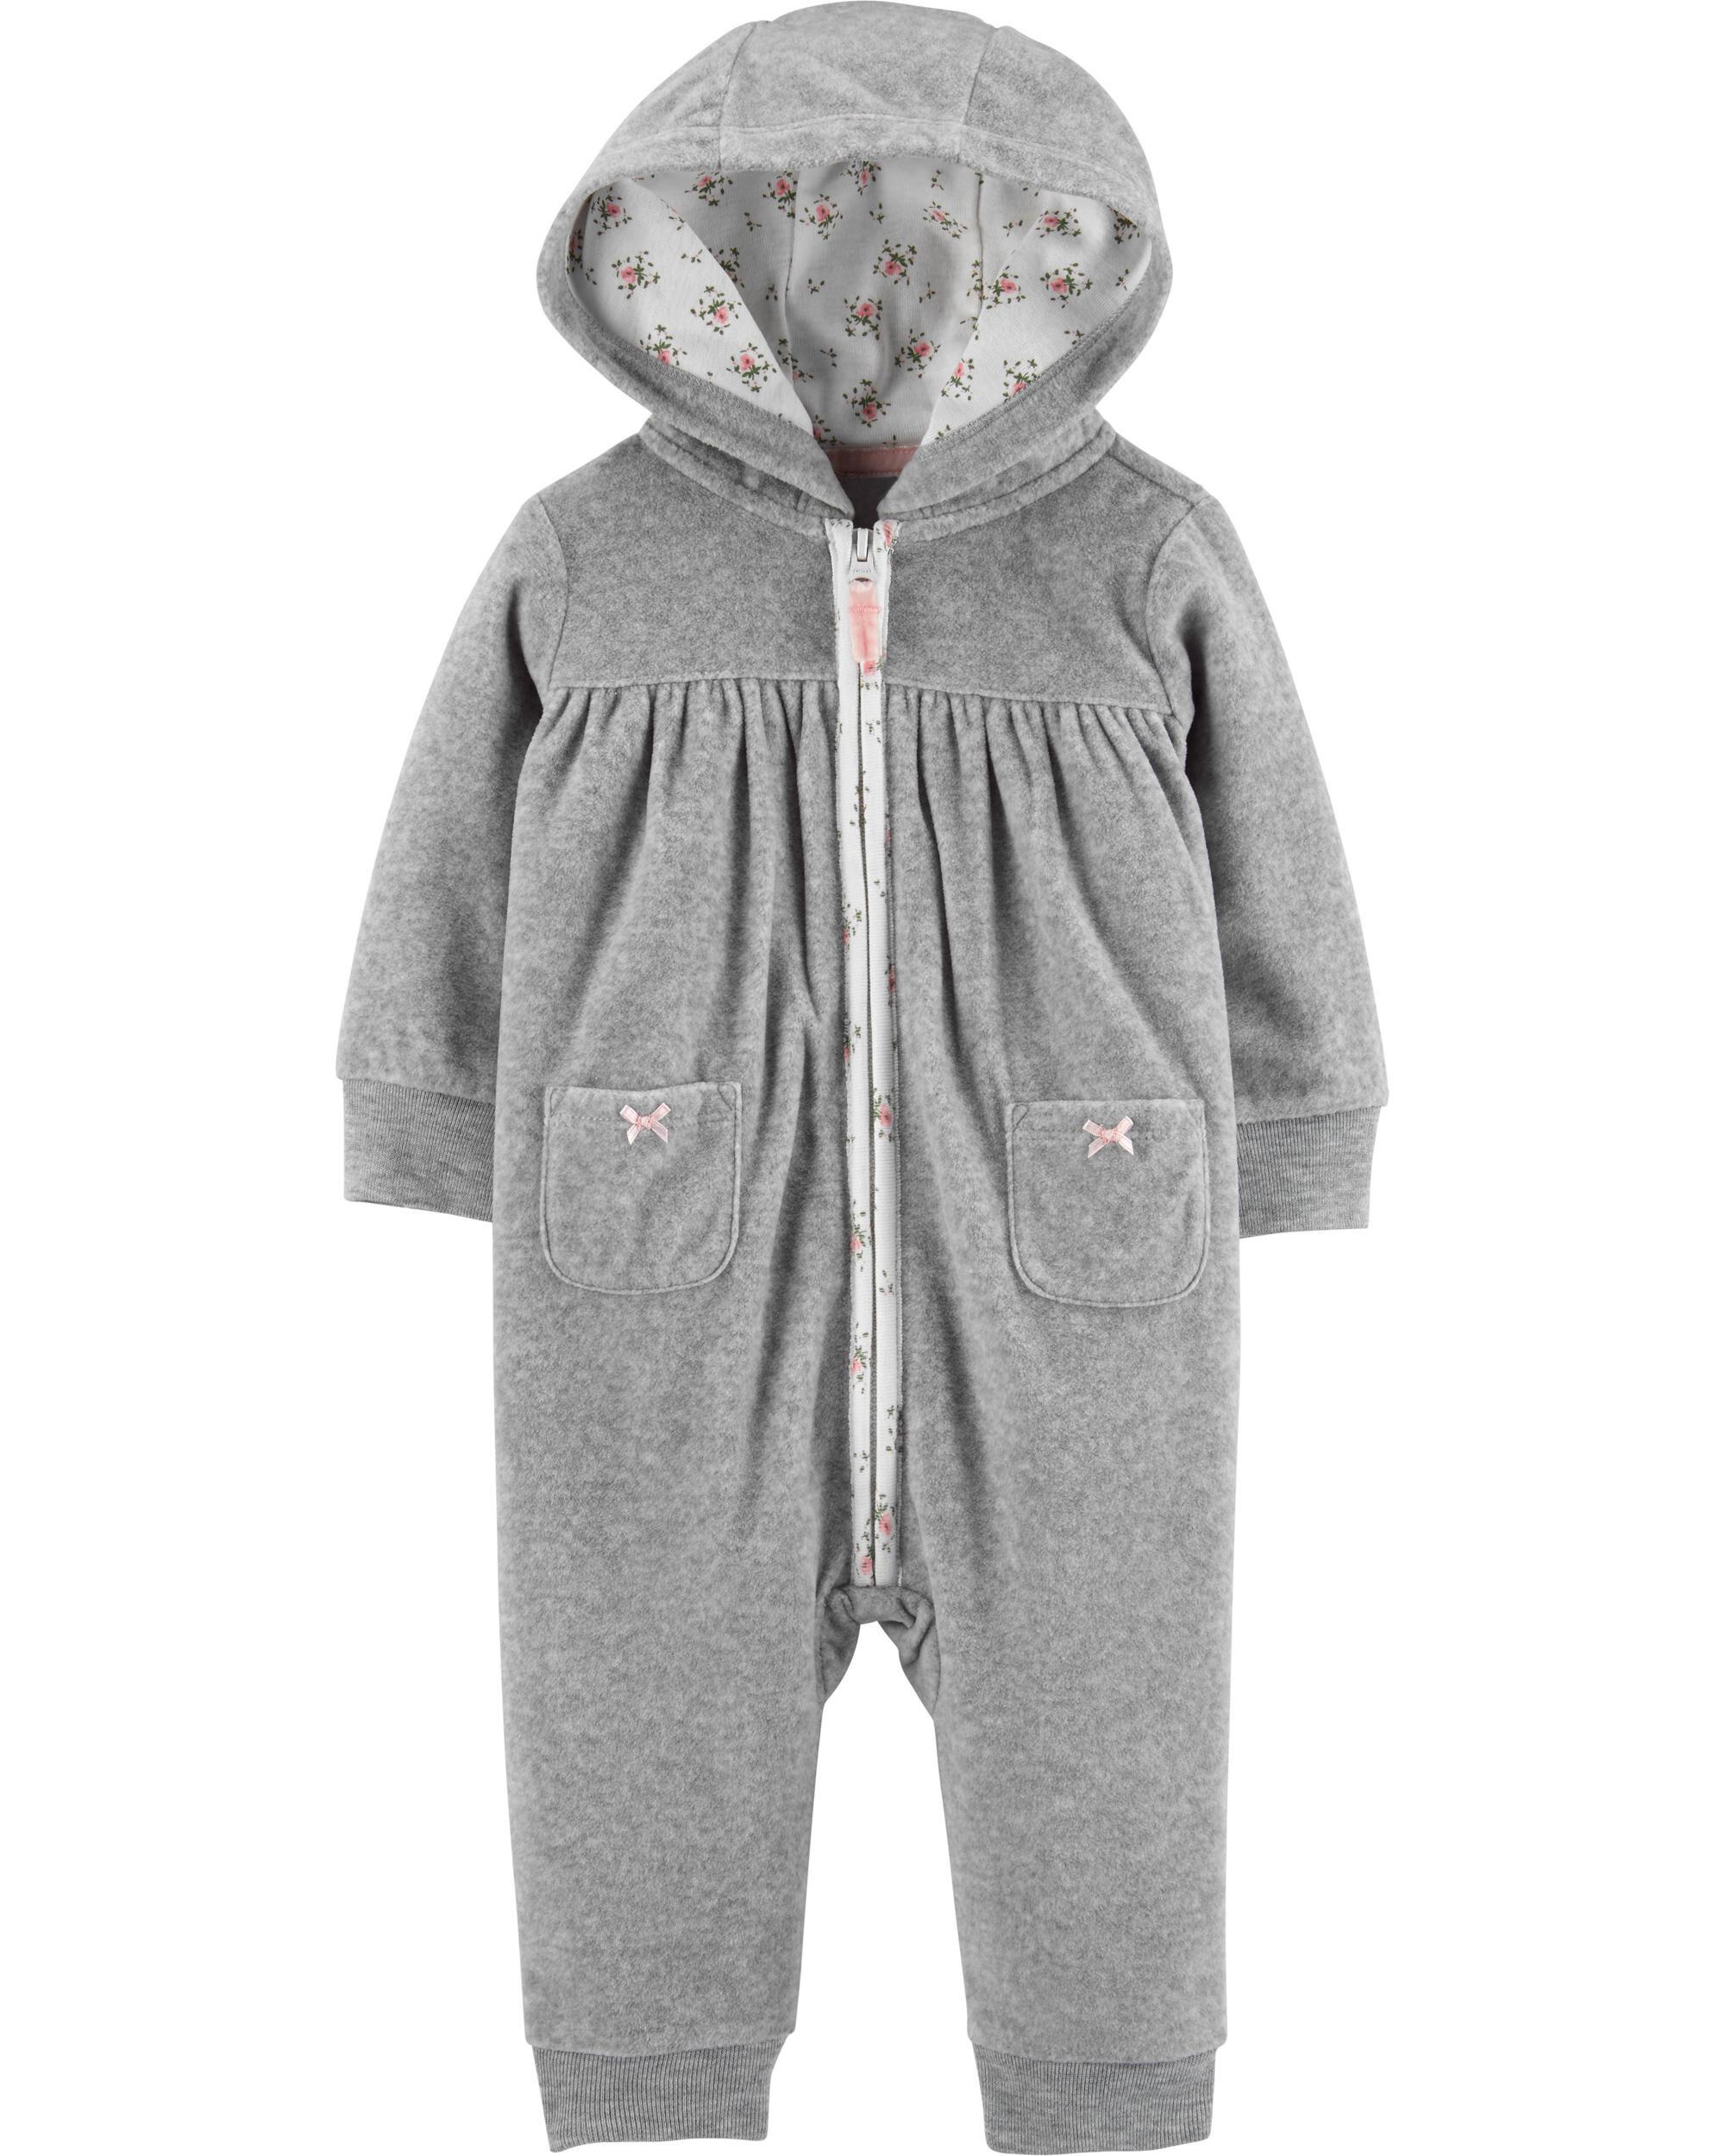 *DOORBUSTER* Hooded Zip-Up Fleece Jumpsuit